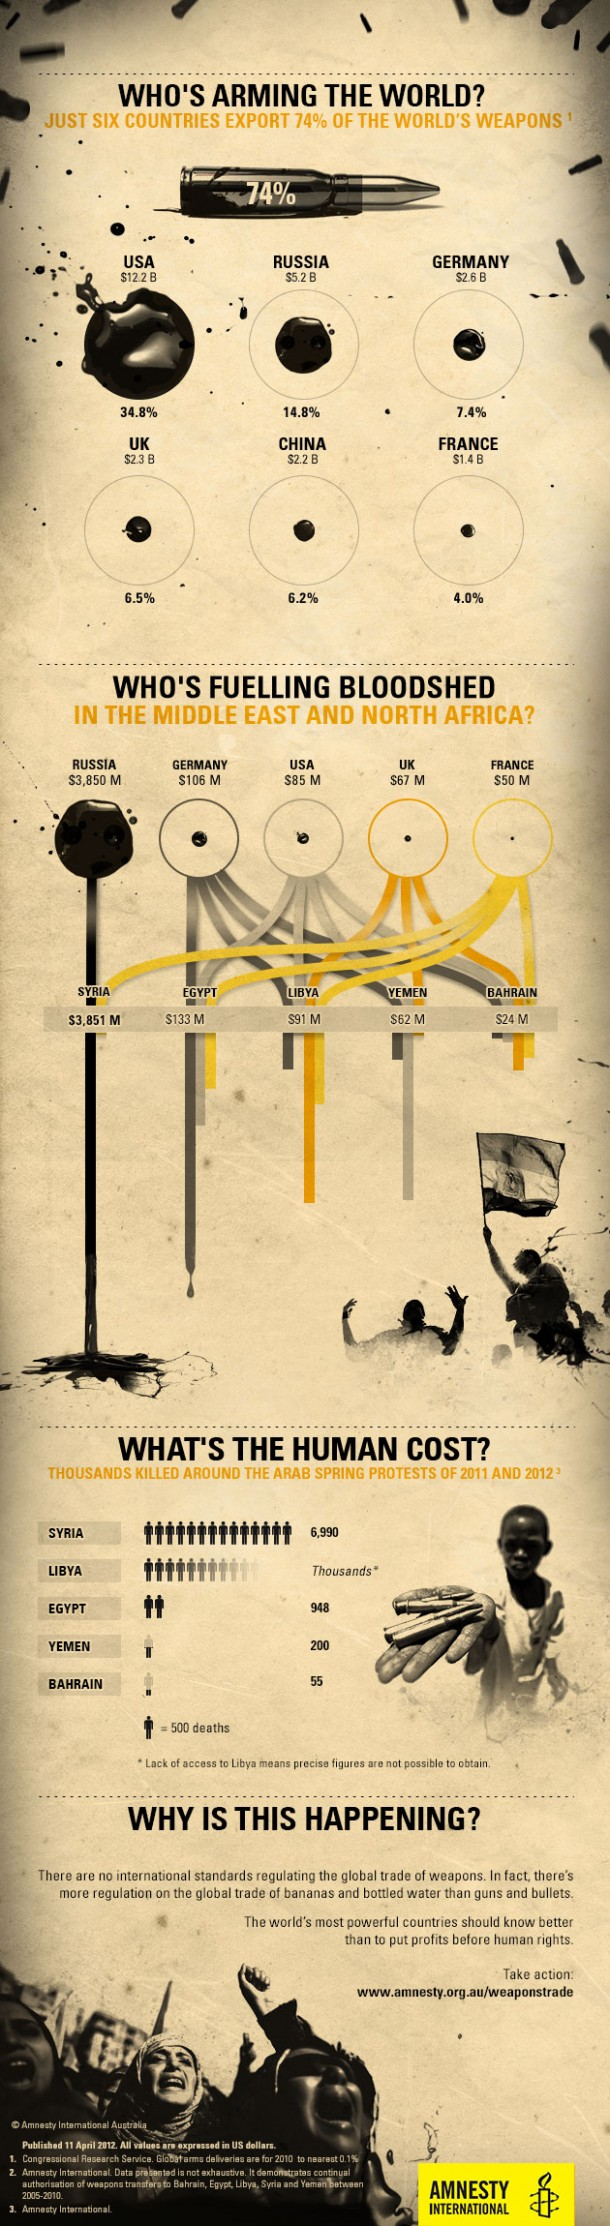 """Quem enche o Mundo de Armas / Quais os países """"desenvolvidos e abastados"""""""